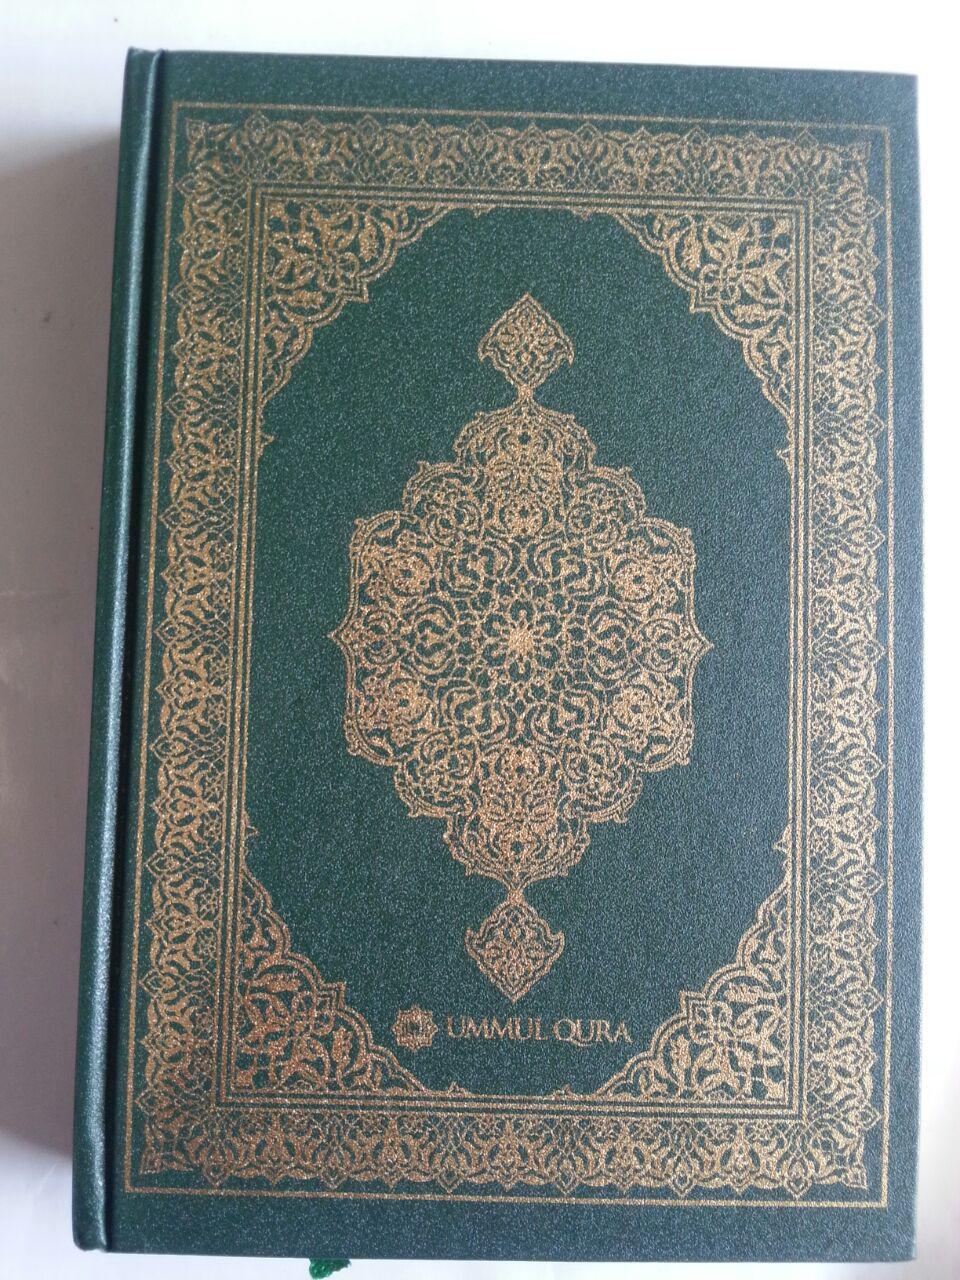 Al-Qur'an Mushaf Tanpa Terjemah Ukuran A5 cover